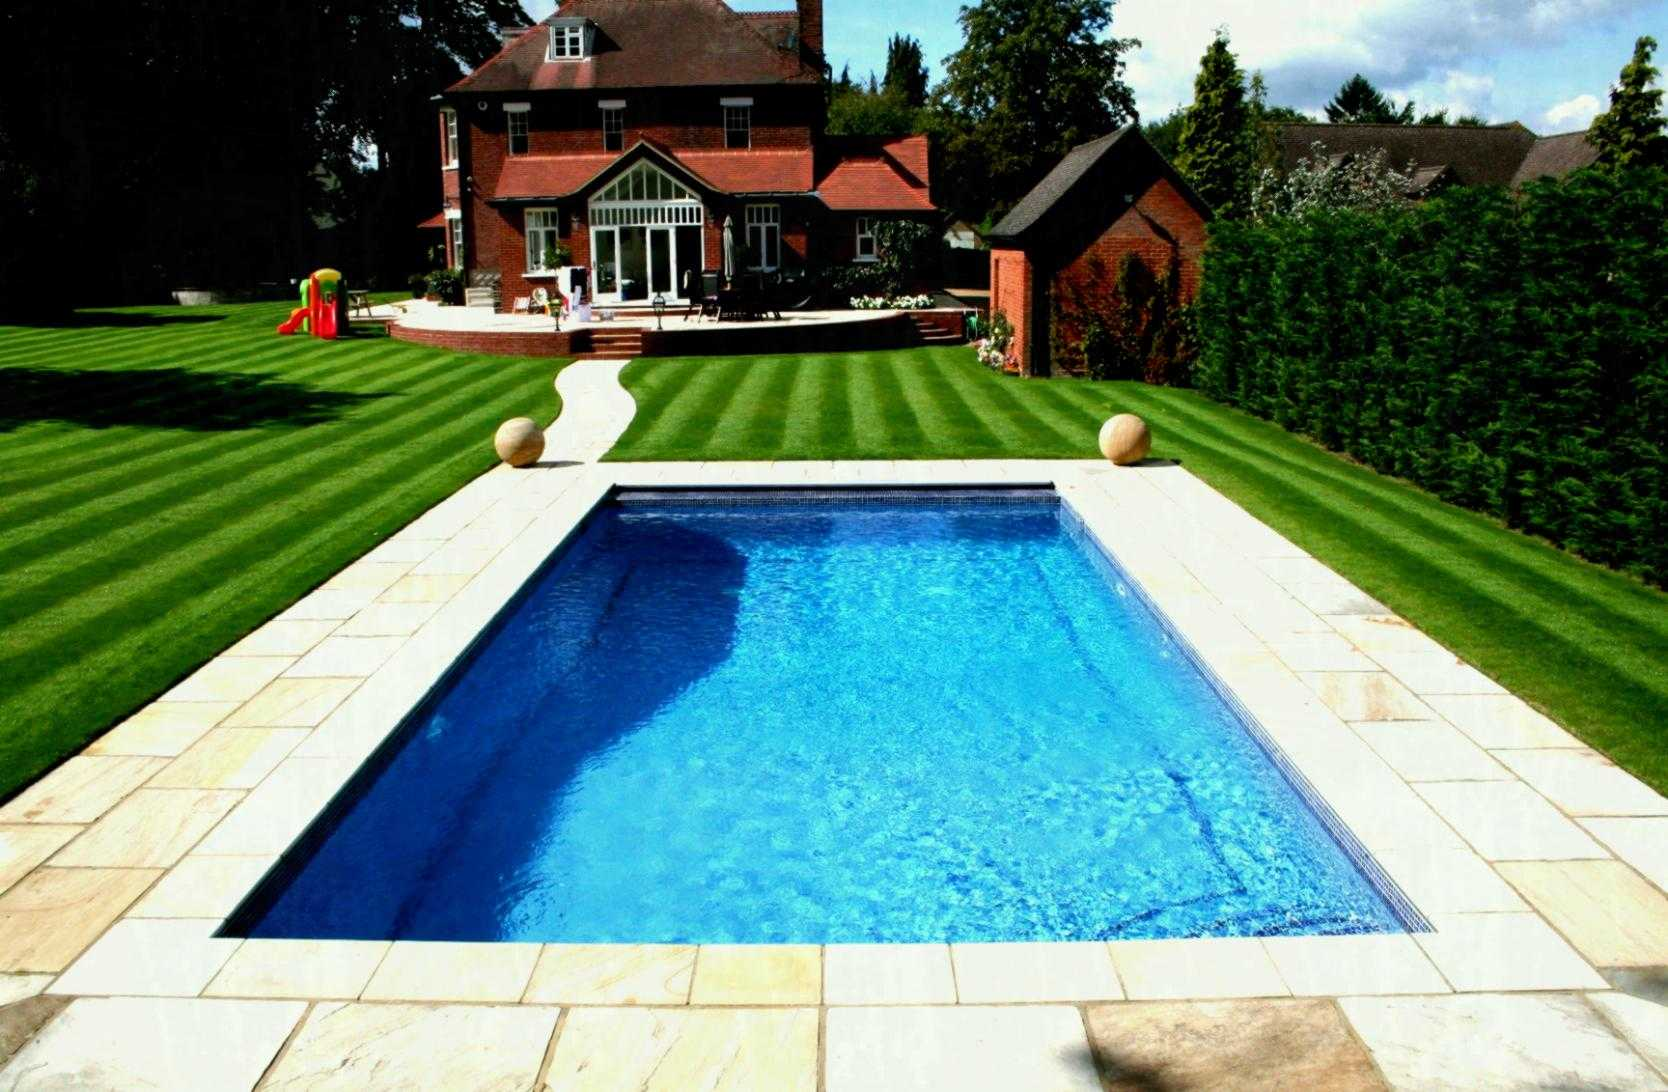 литр бассейн в саду картинка свою цену